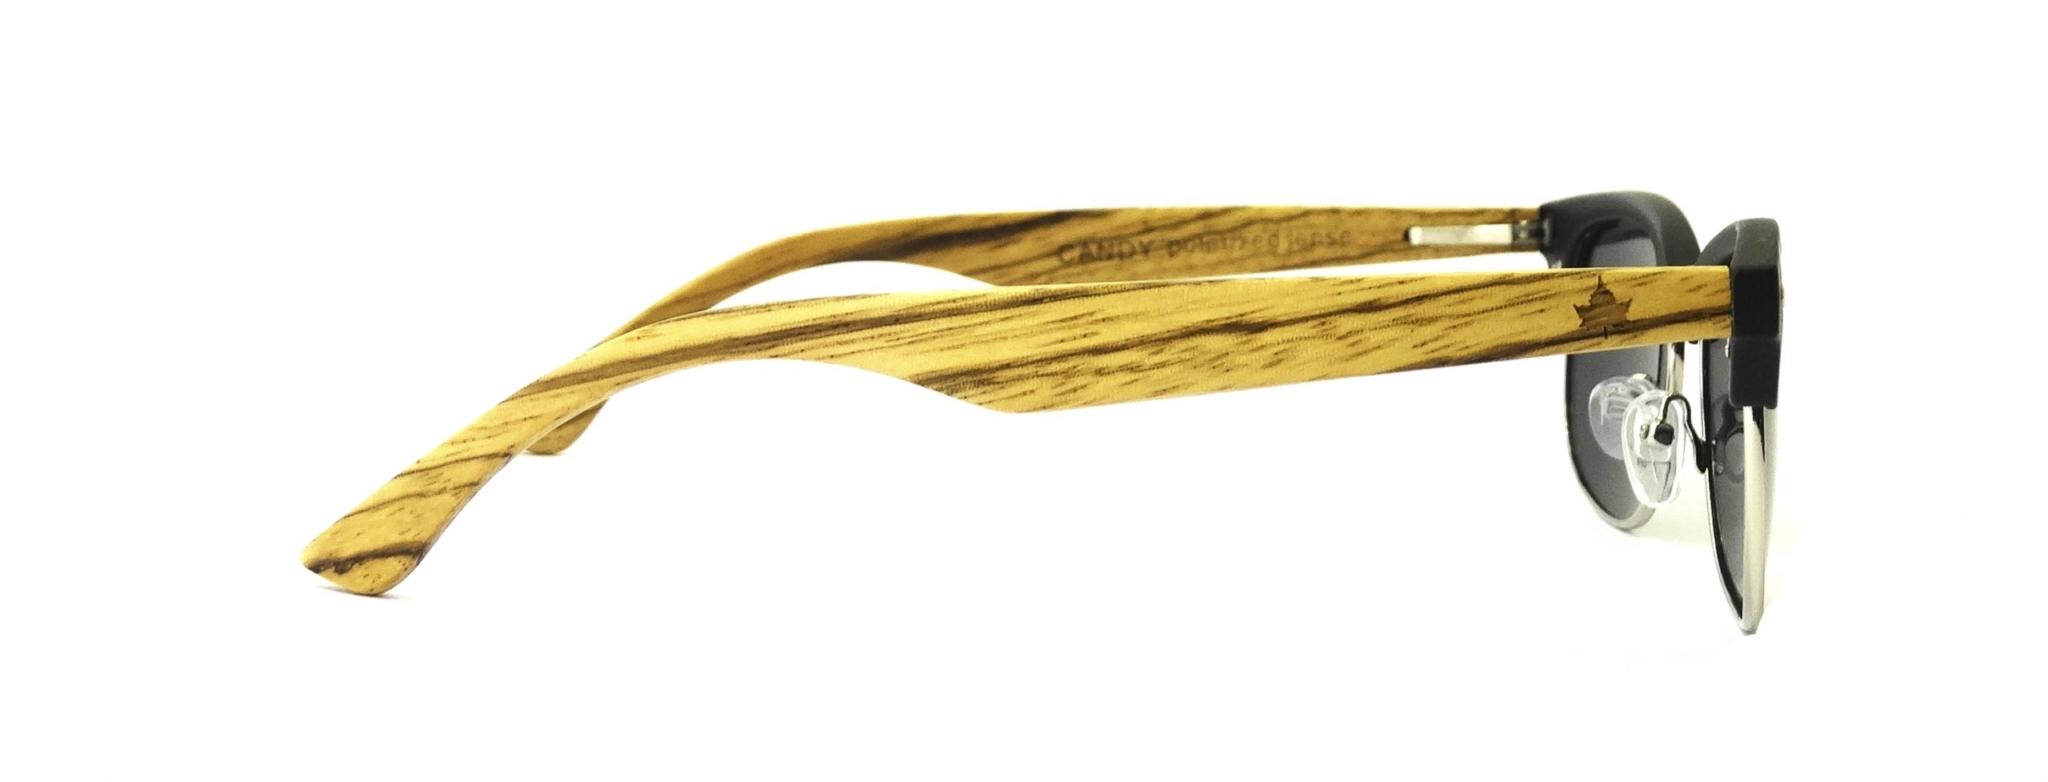 3305e958-156c-gafas-de-sol